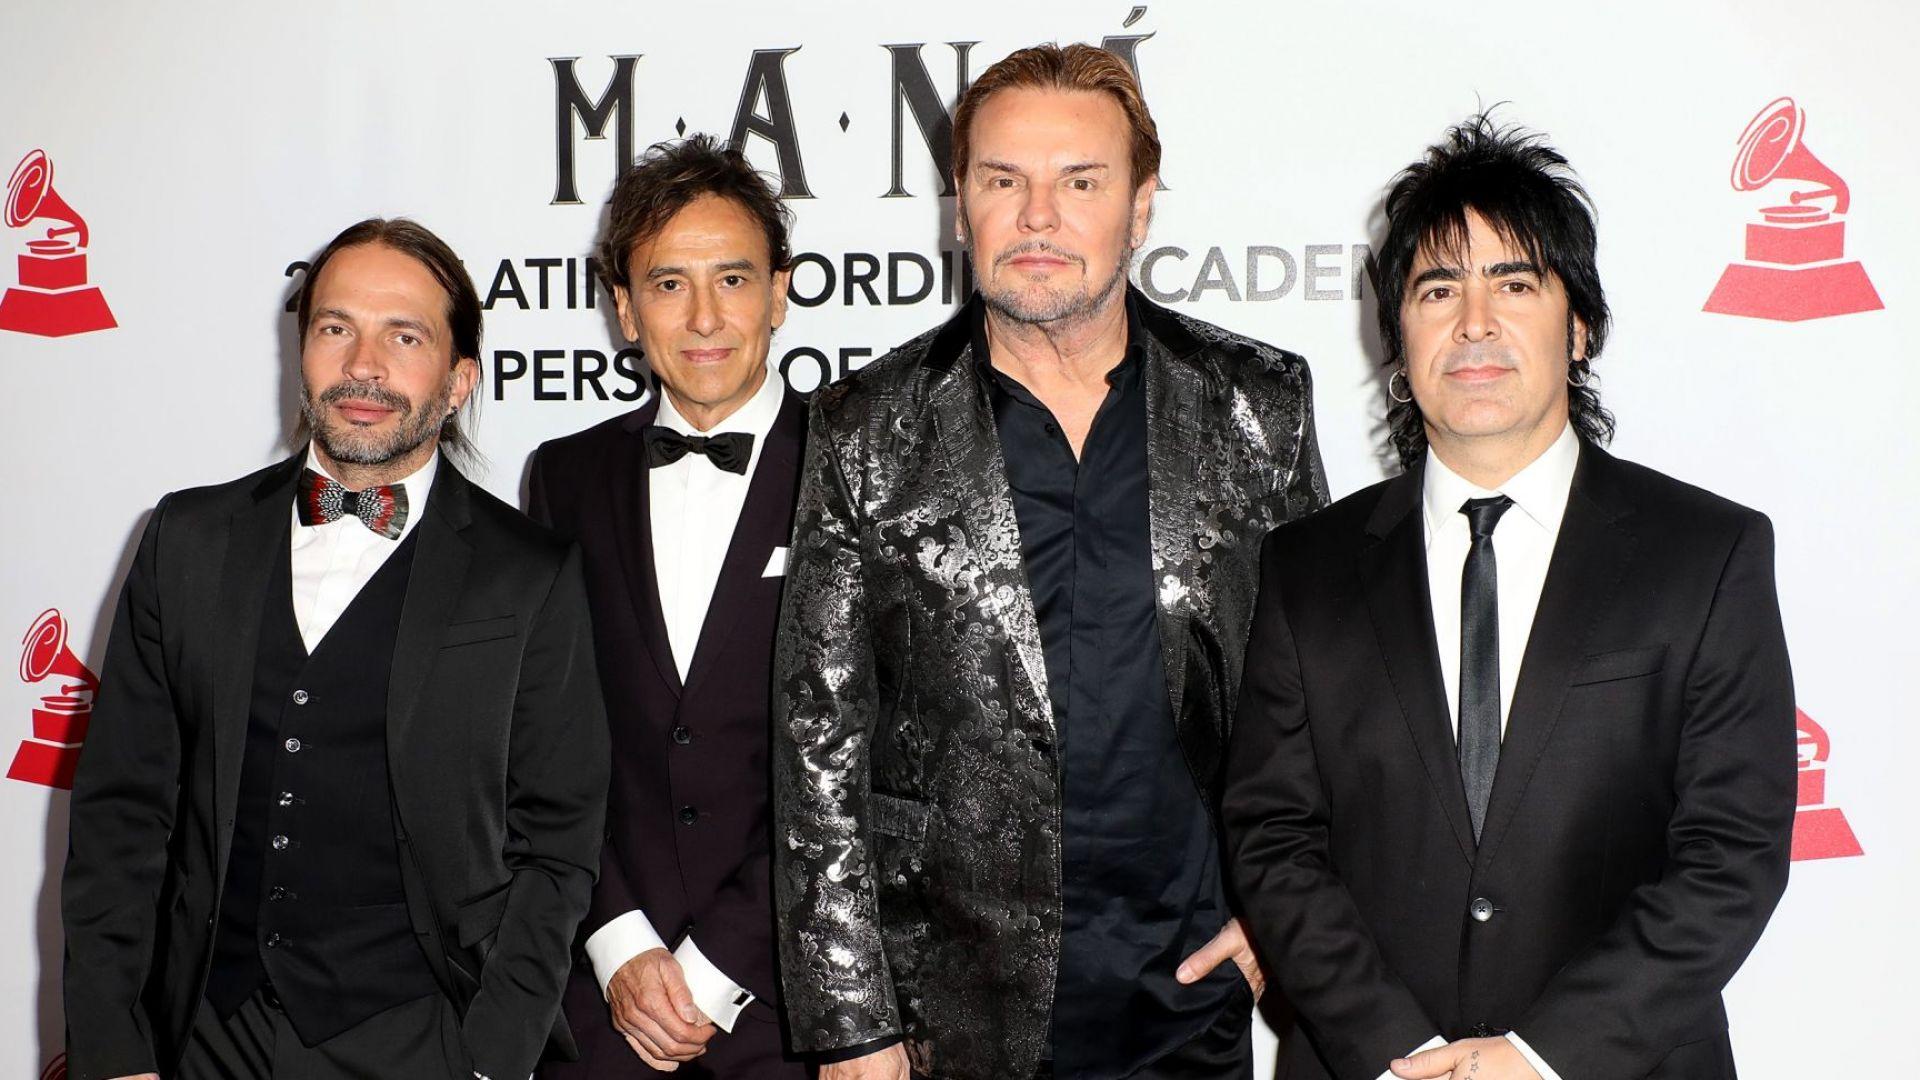 """Група Maná ще получи приза """"Икона"""" на наградите за латино музика на Billboard"""